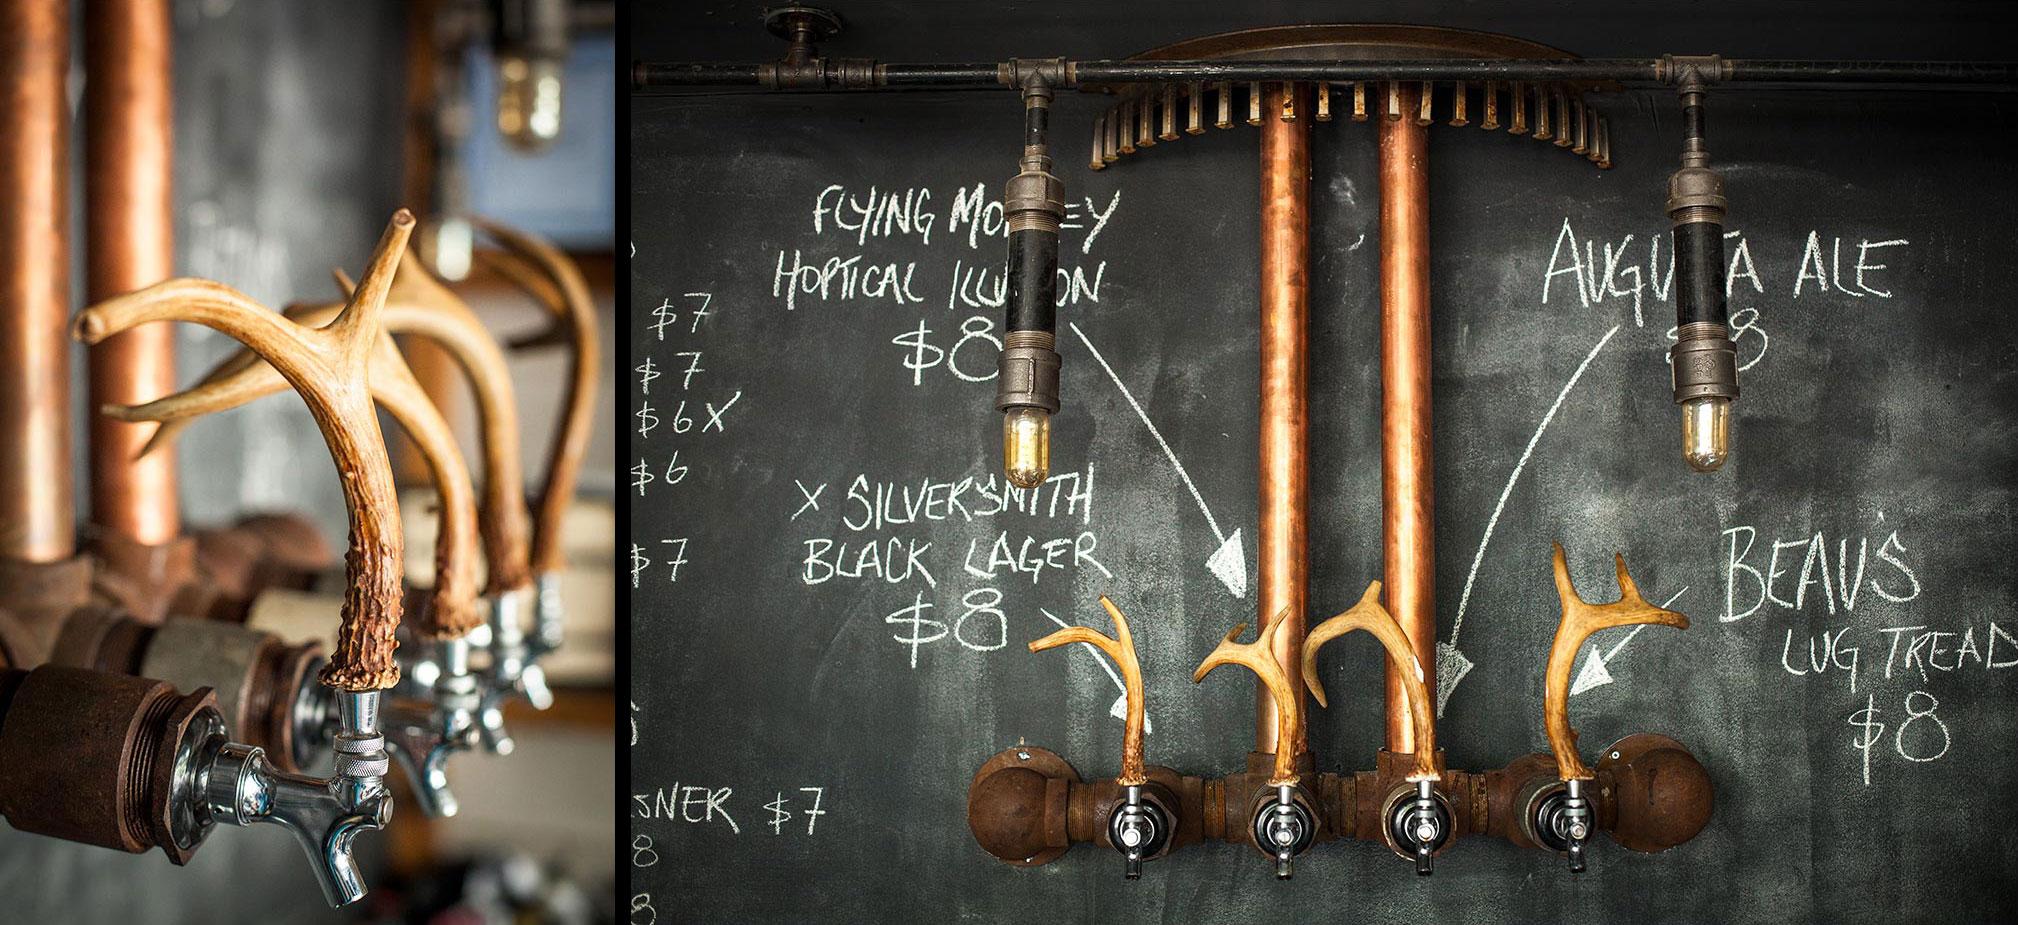 Montauk-bar-toronto-beer-deer-antlers-shayne-gray-2-photo.jpg